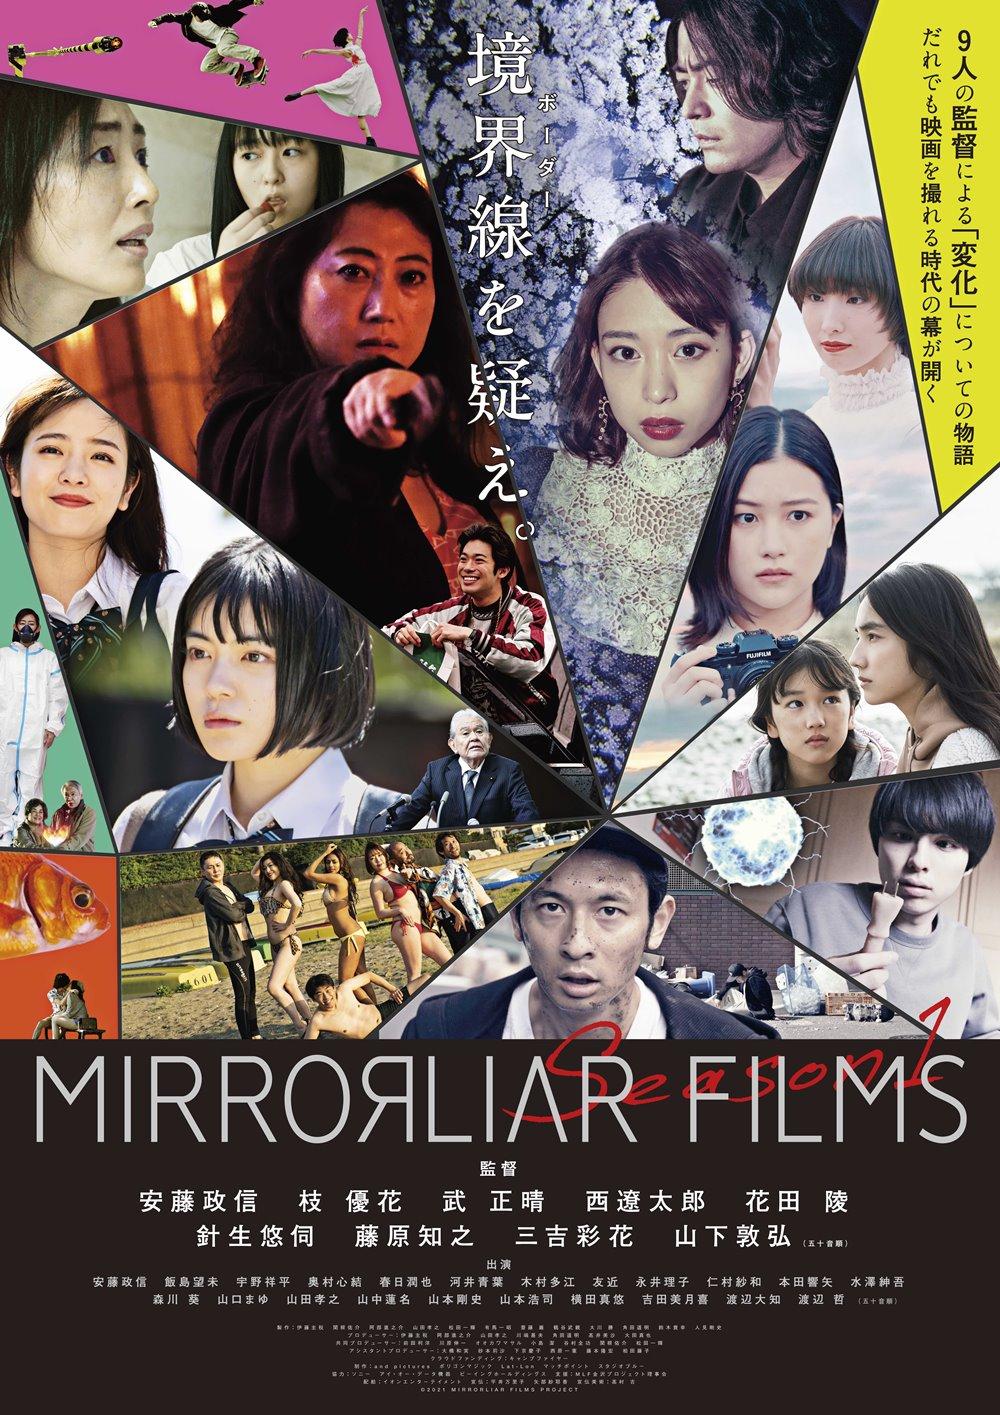 【画像】短編映画制作プロジェクト『MIRRORLIAR FILMS Season1』ポスタービジュアル